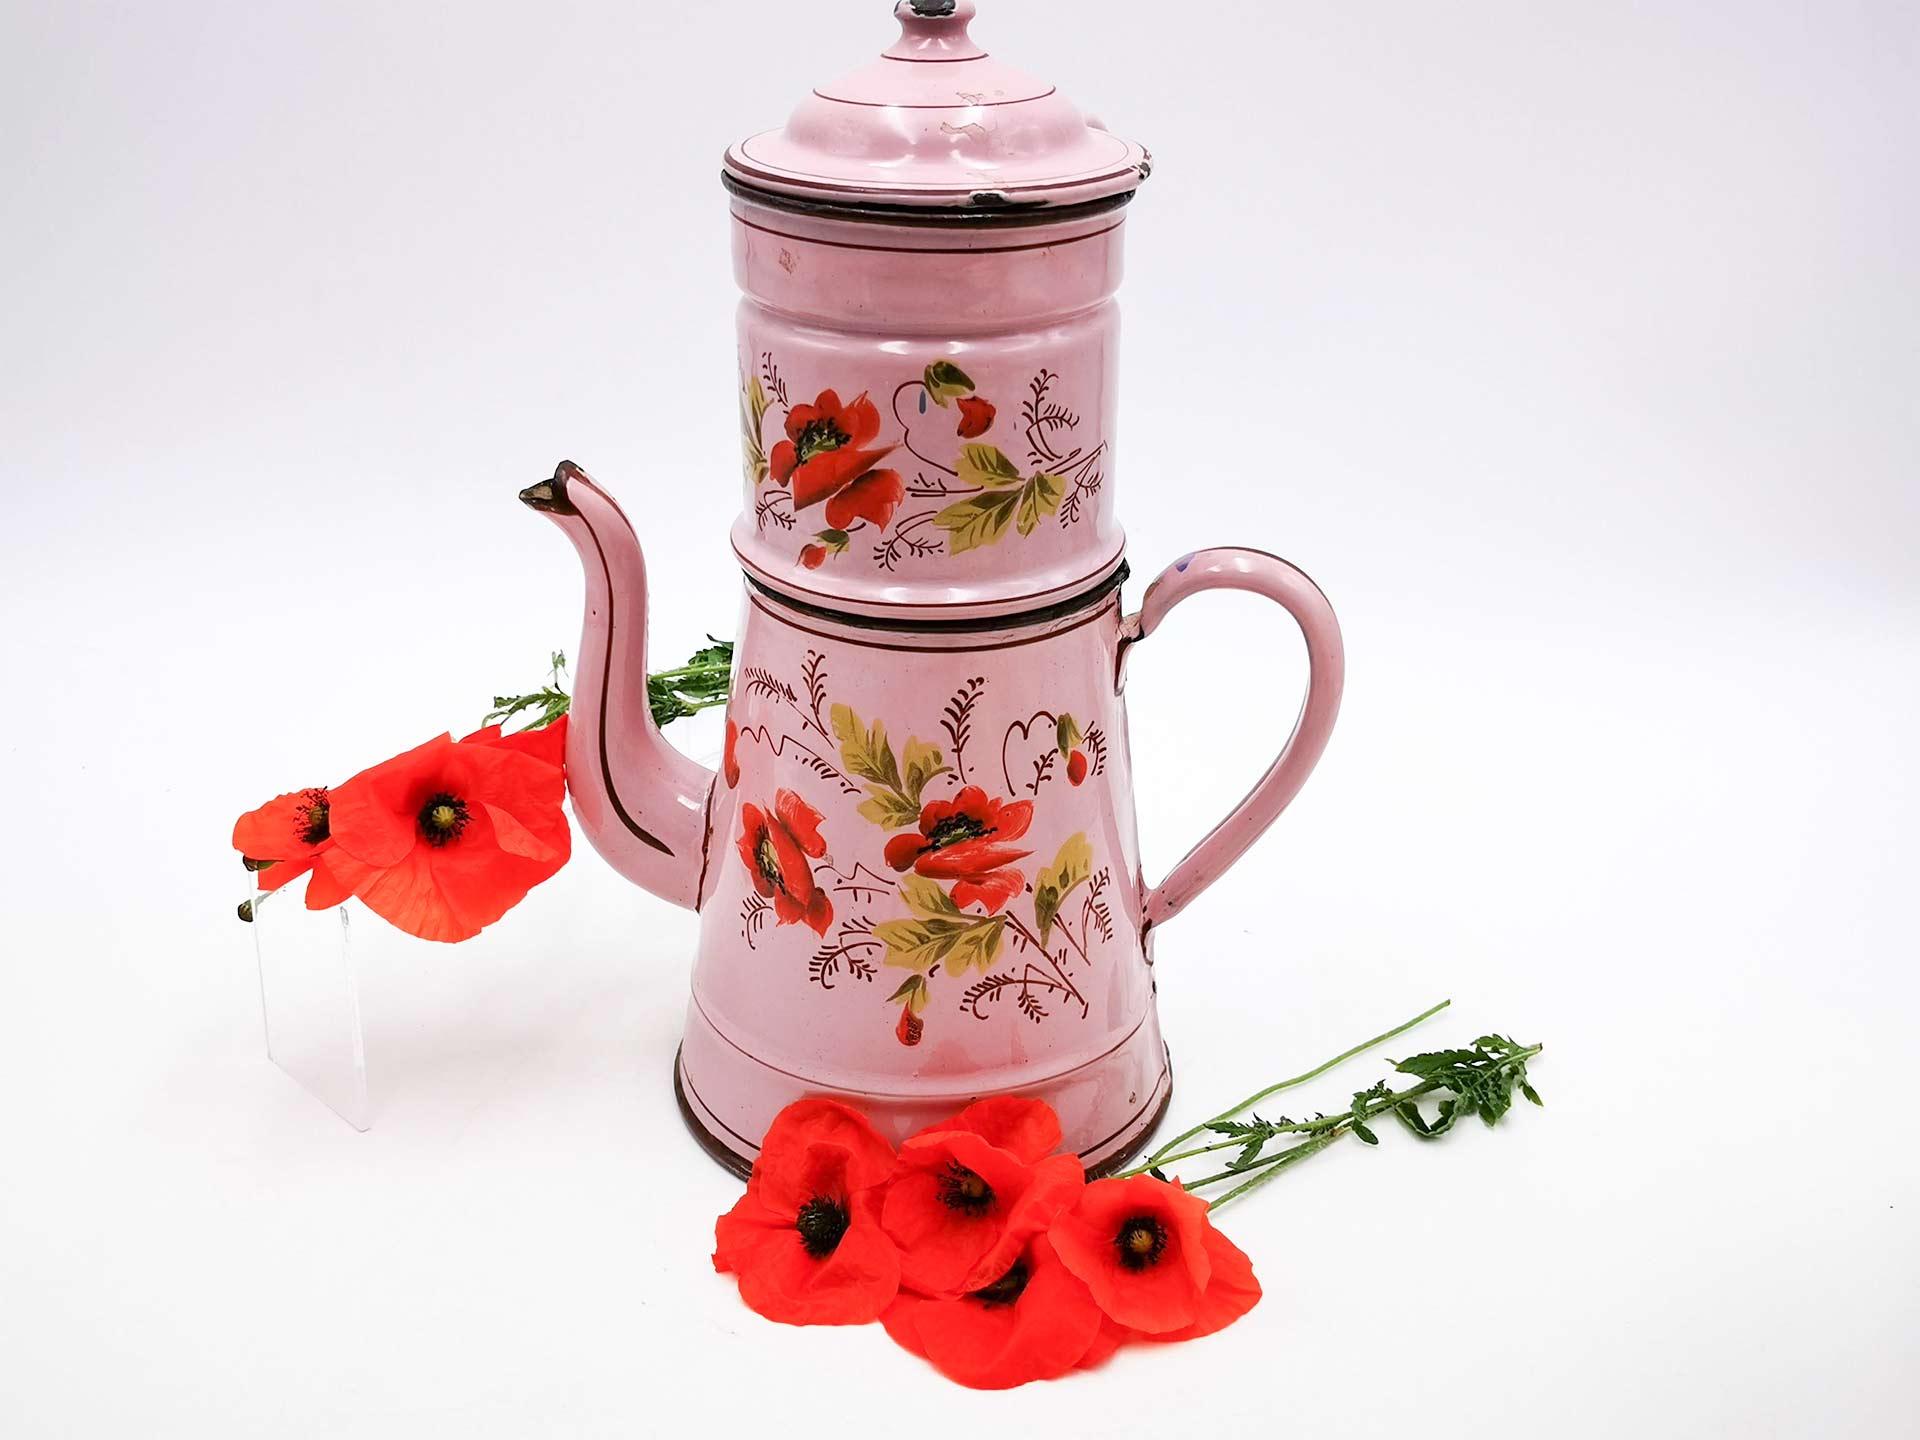 Caffettiere francese antica in smalto rosa con papaveri